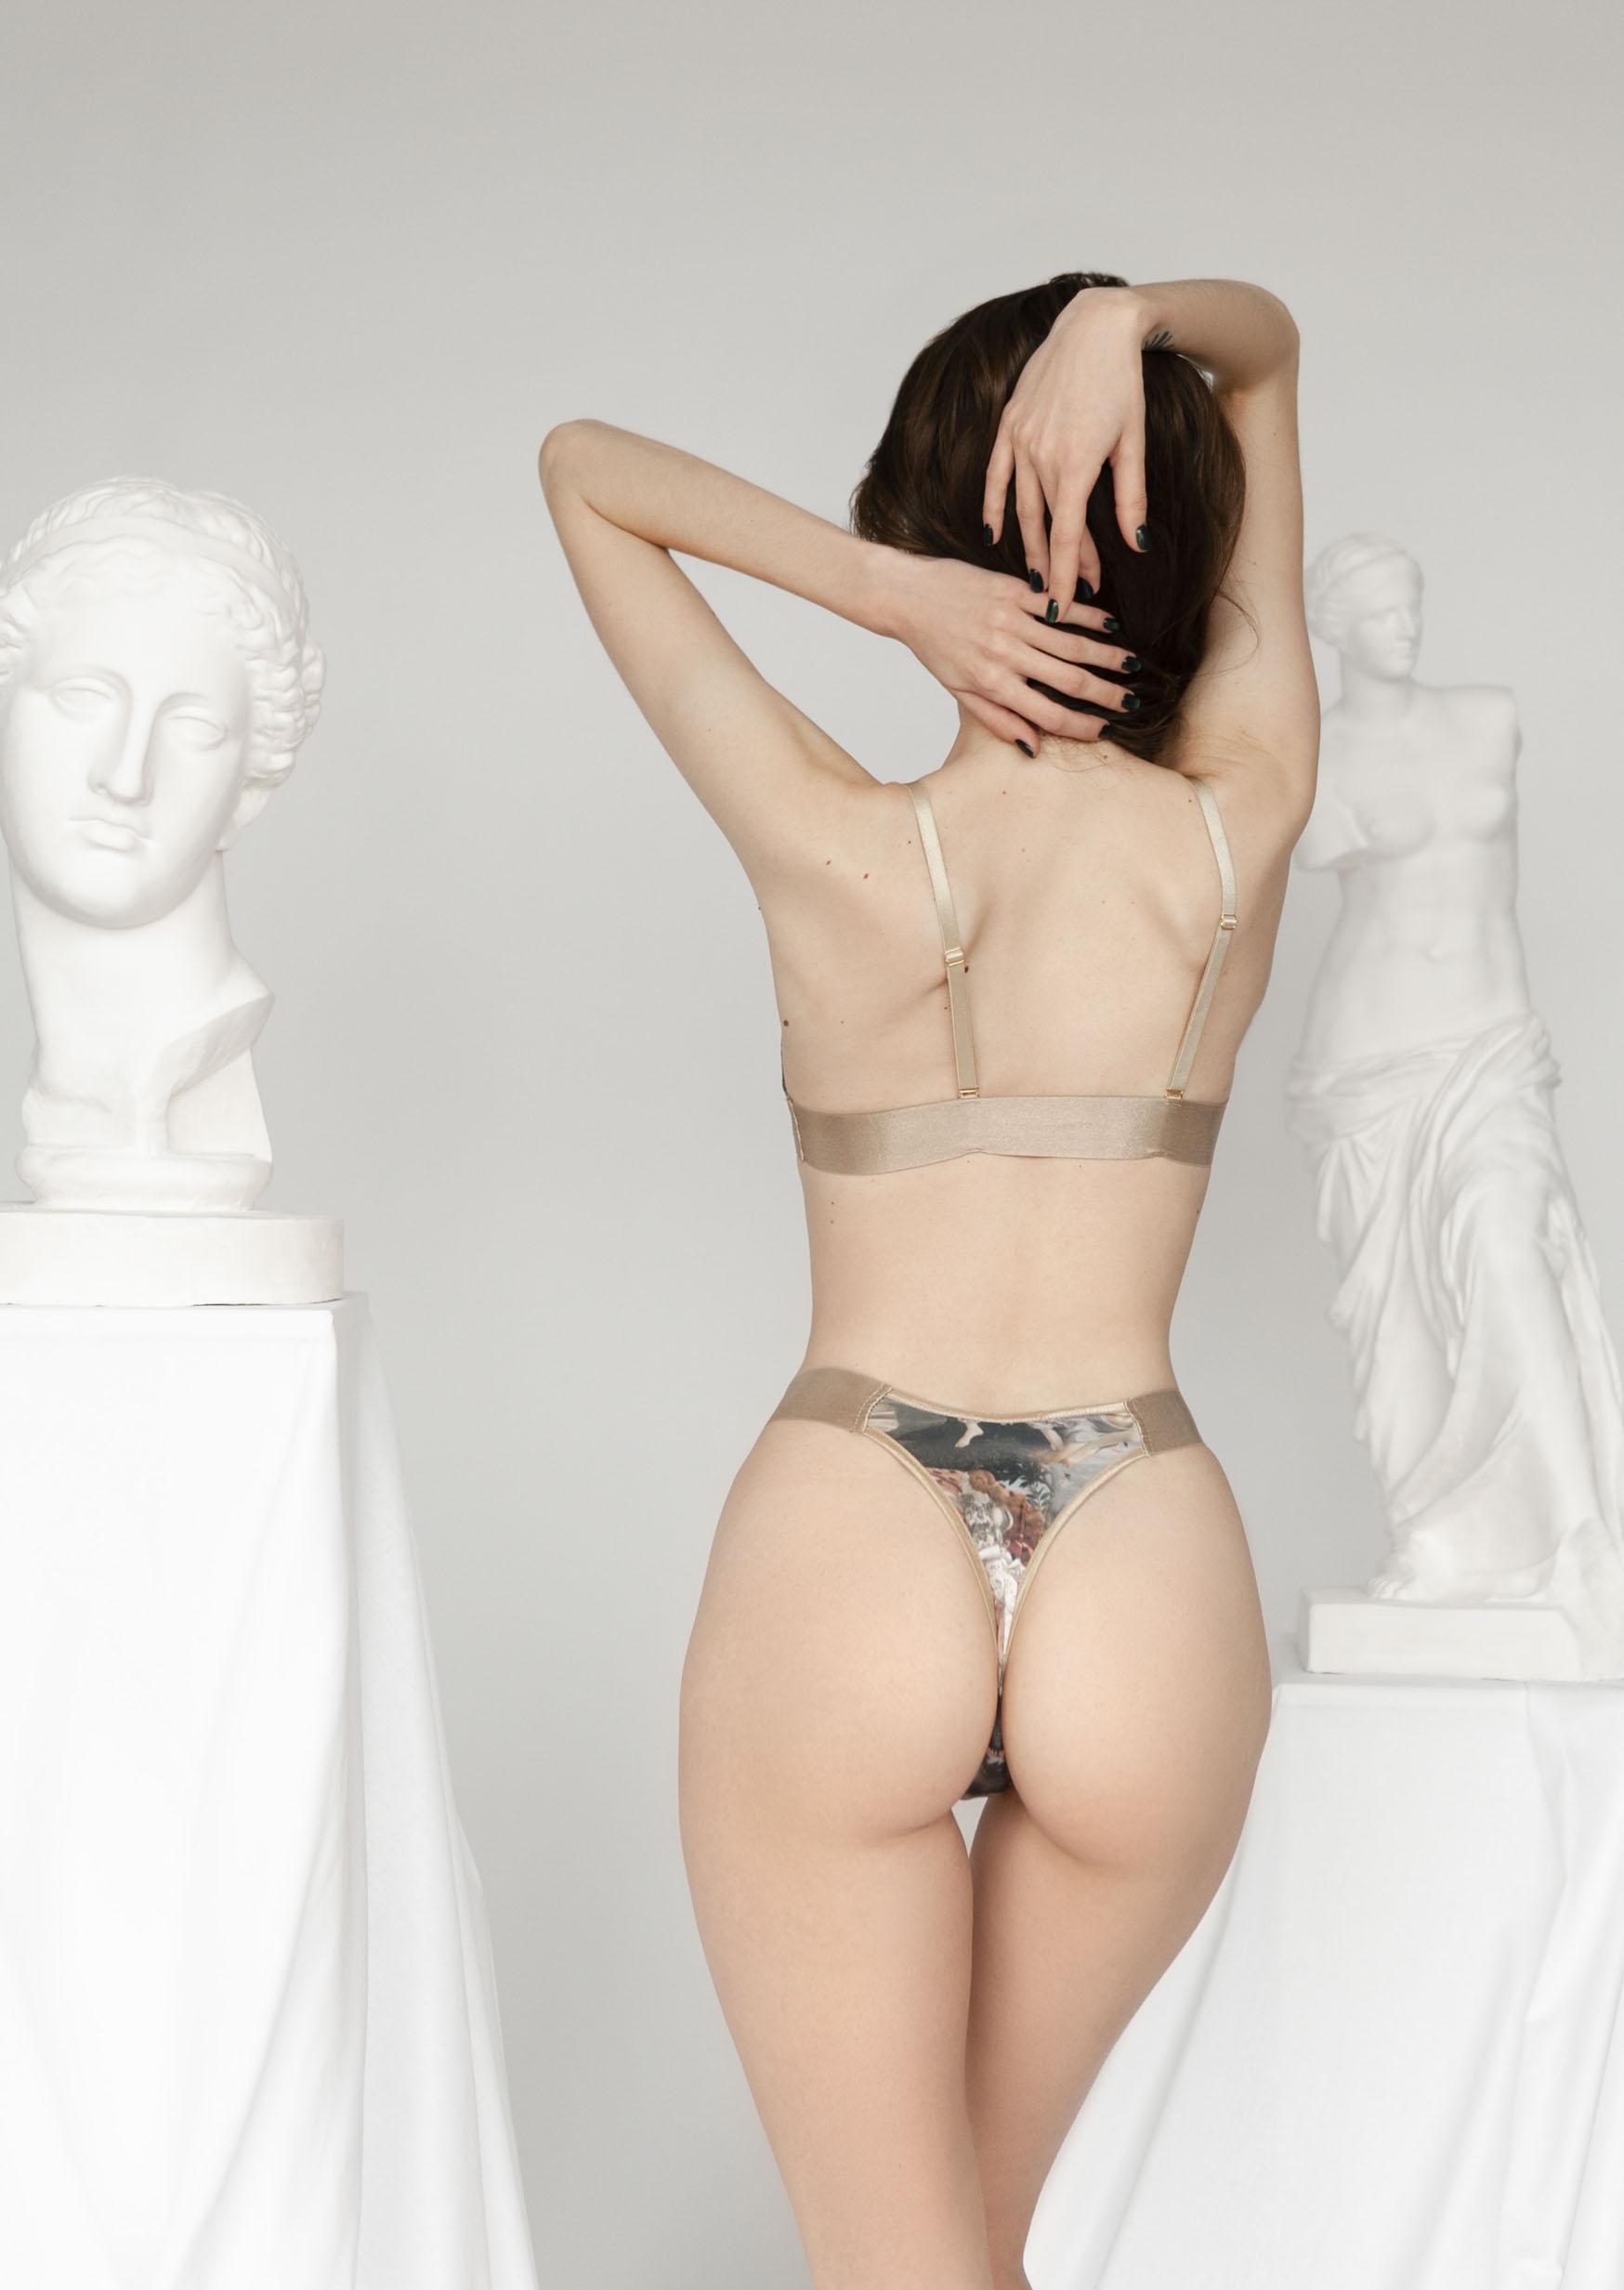 Venus erotic lingerie set renaissance print lingerie historical underwear